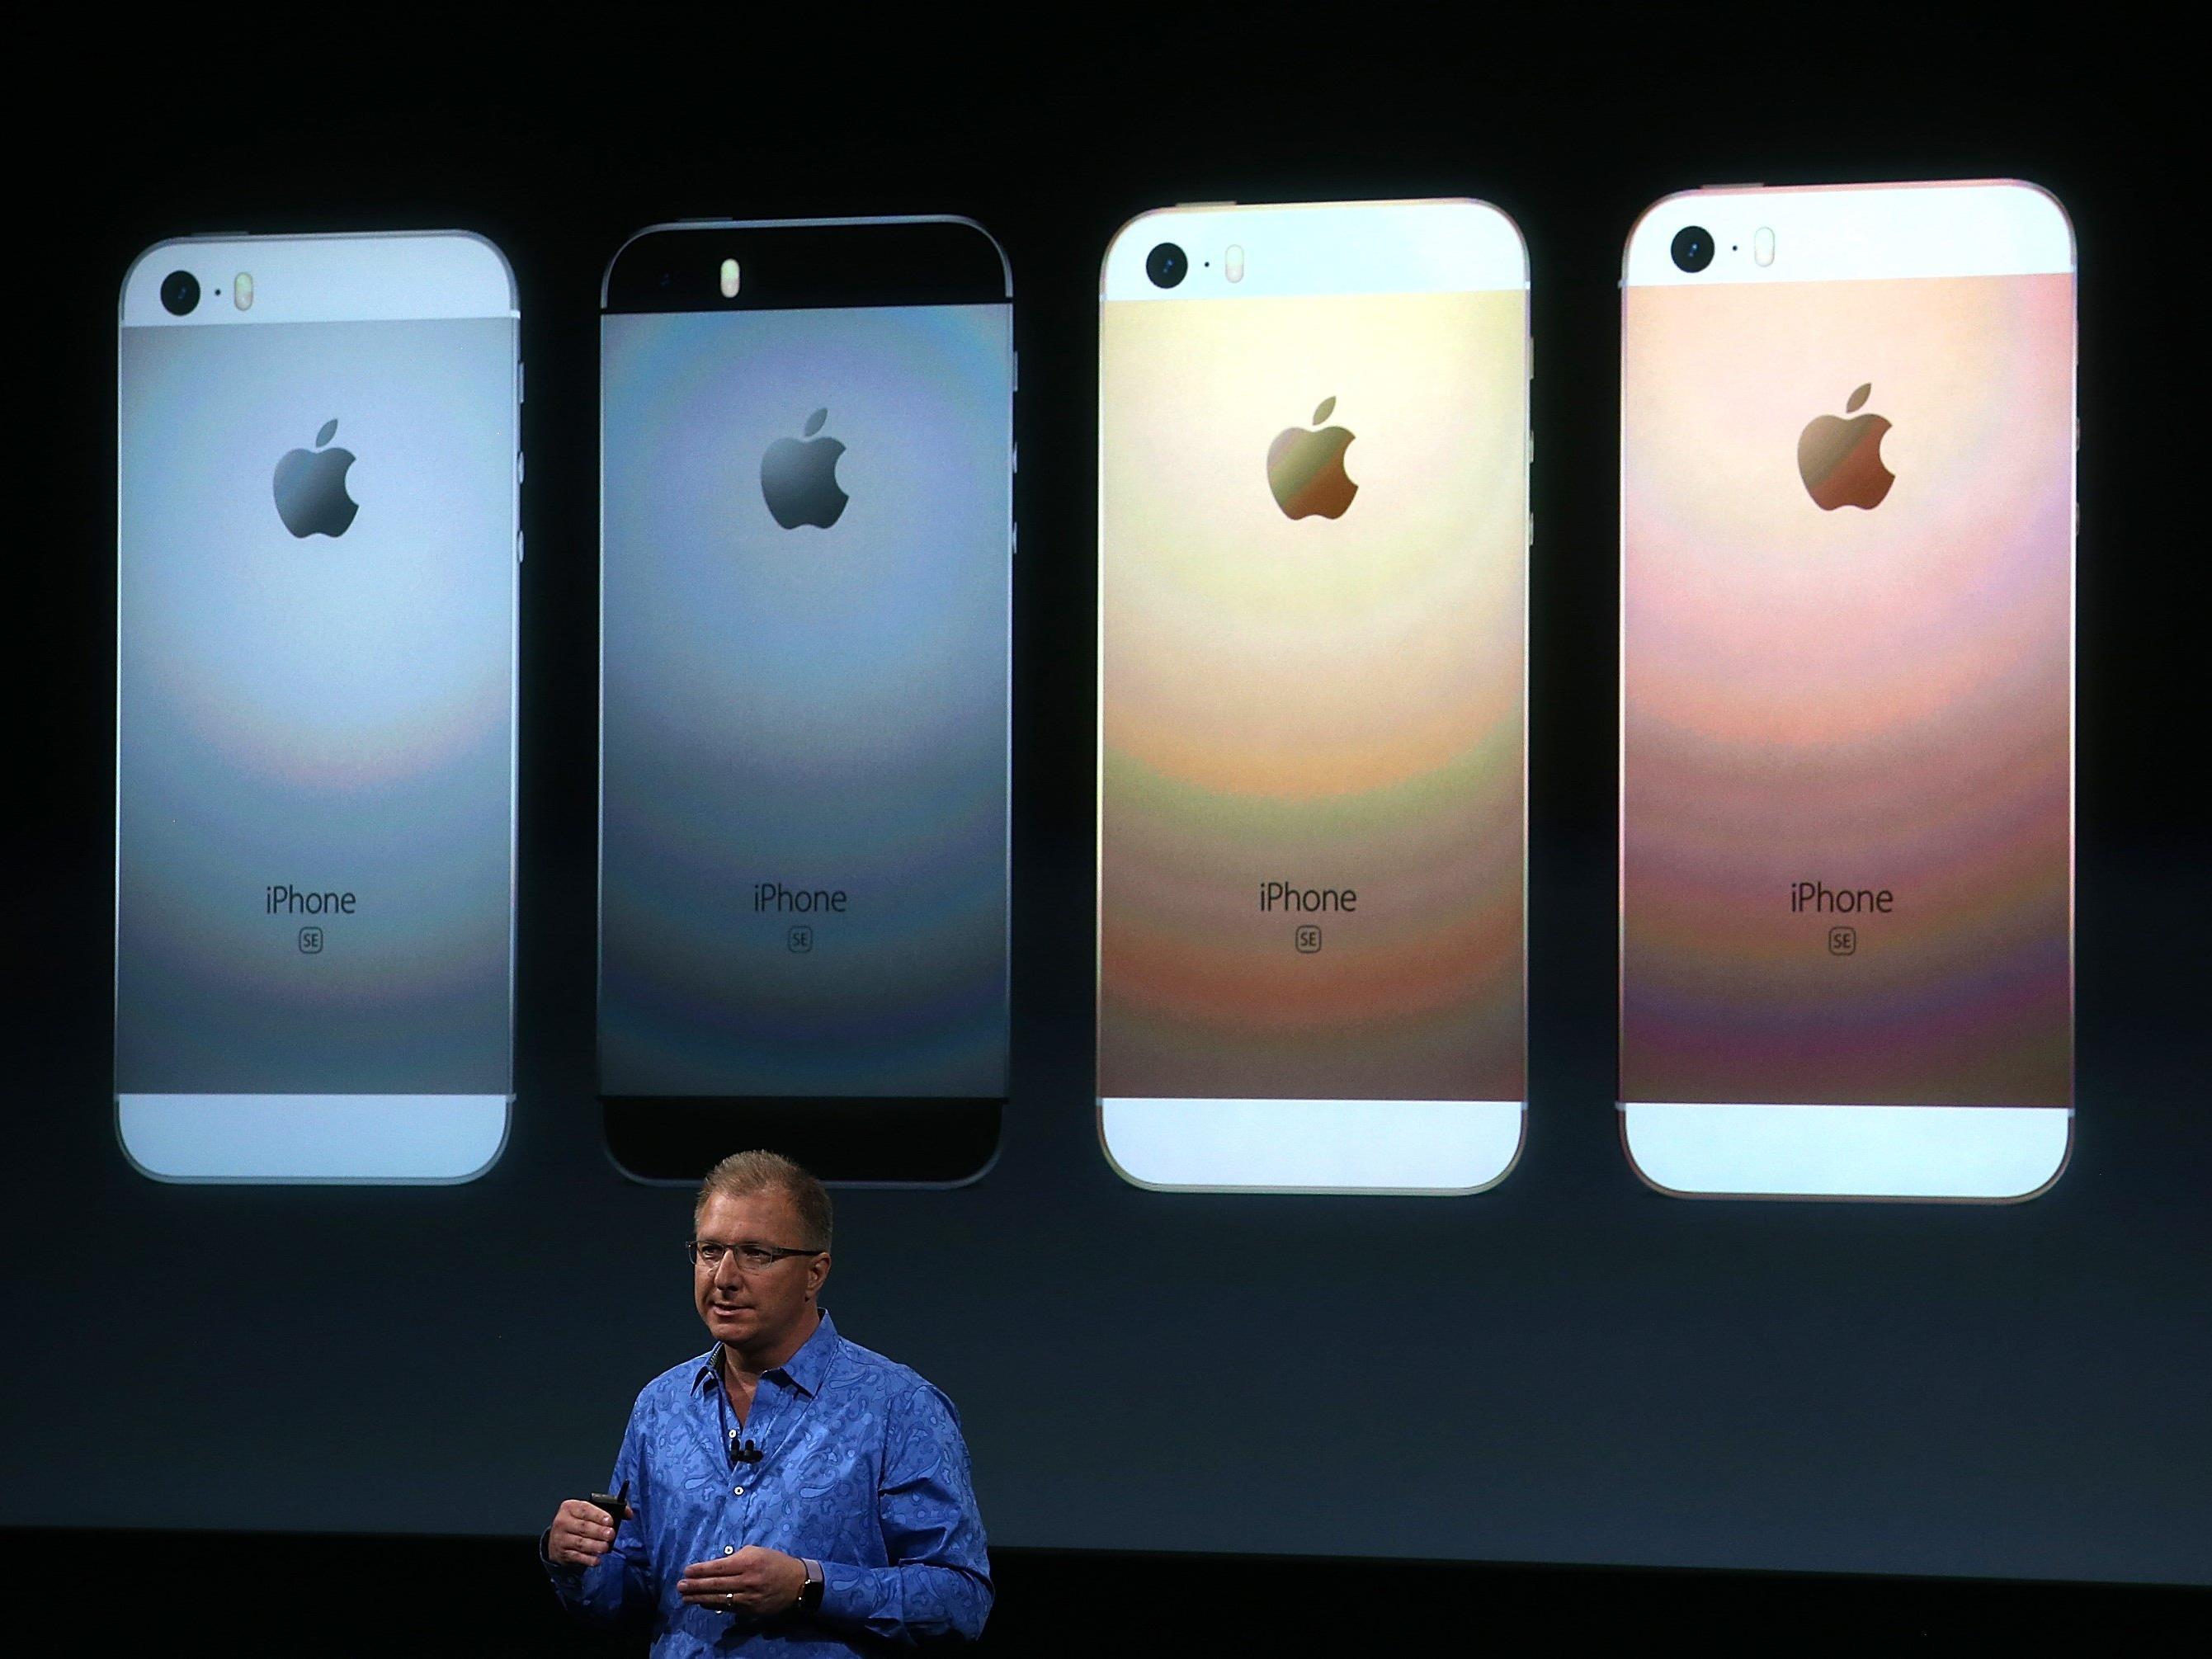 So sieht das neue iPhone SE aus.